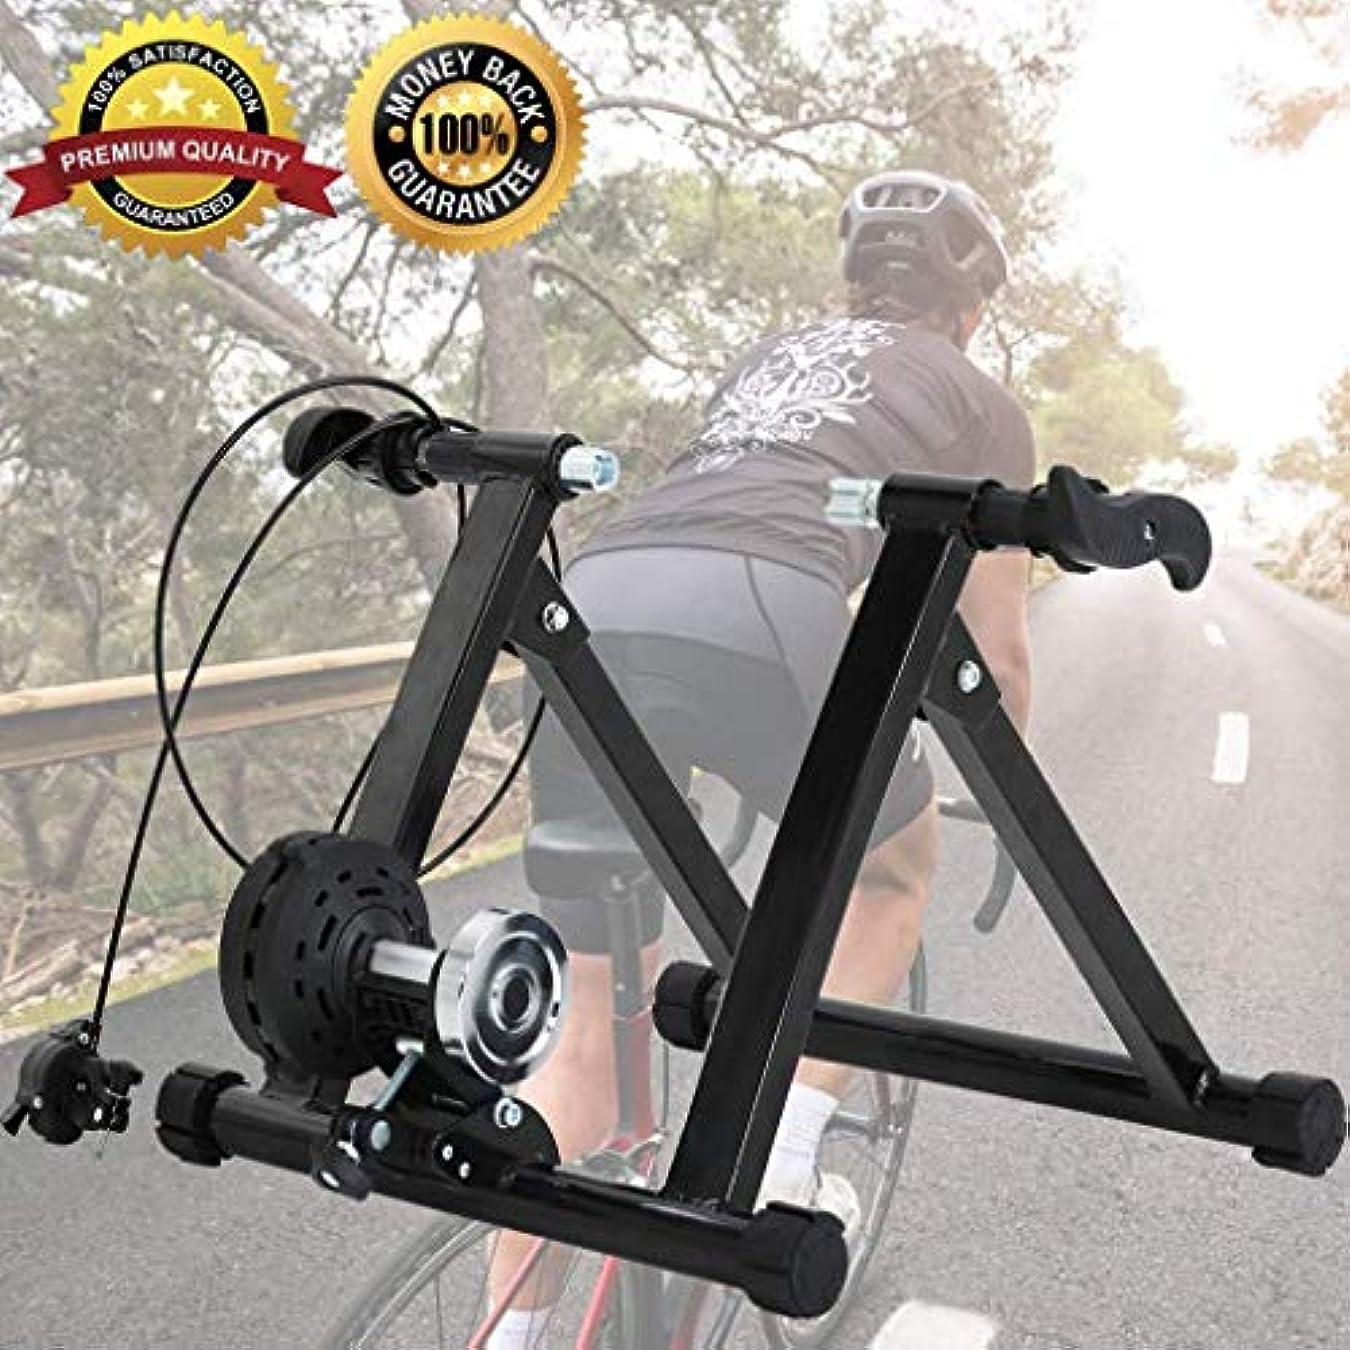 化粧秘書男ポータブル屋内抵抗スポーツブラケット自転車トレーニングマシン付きノイズリダクションホイール磁気トレーニング自転車マウンテン固定自転車ブラケット